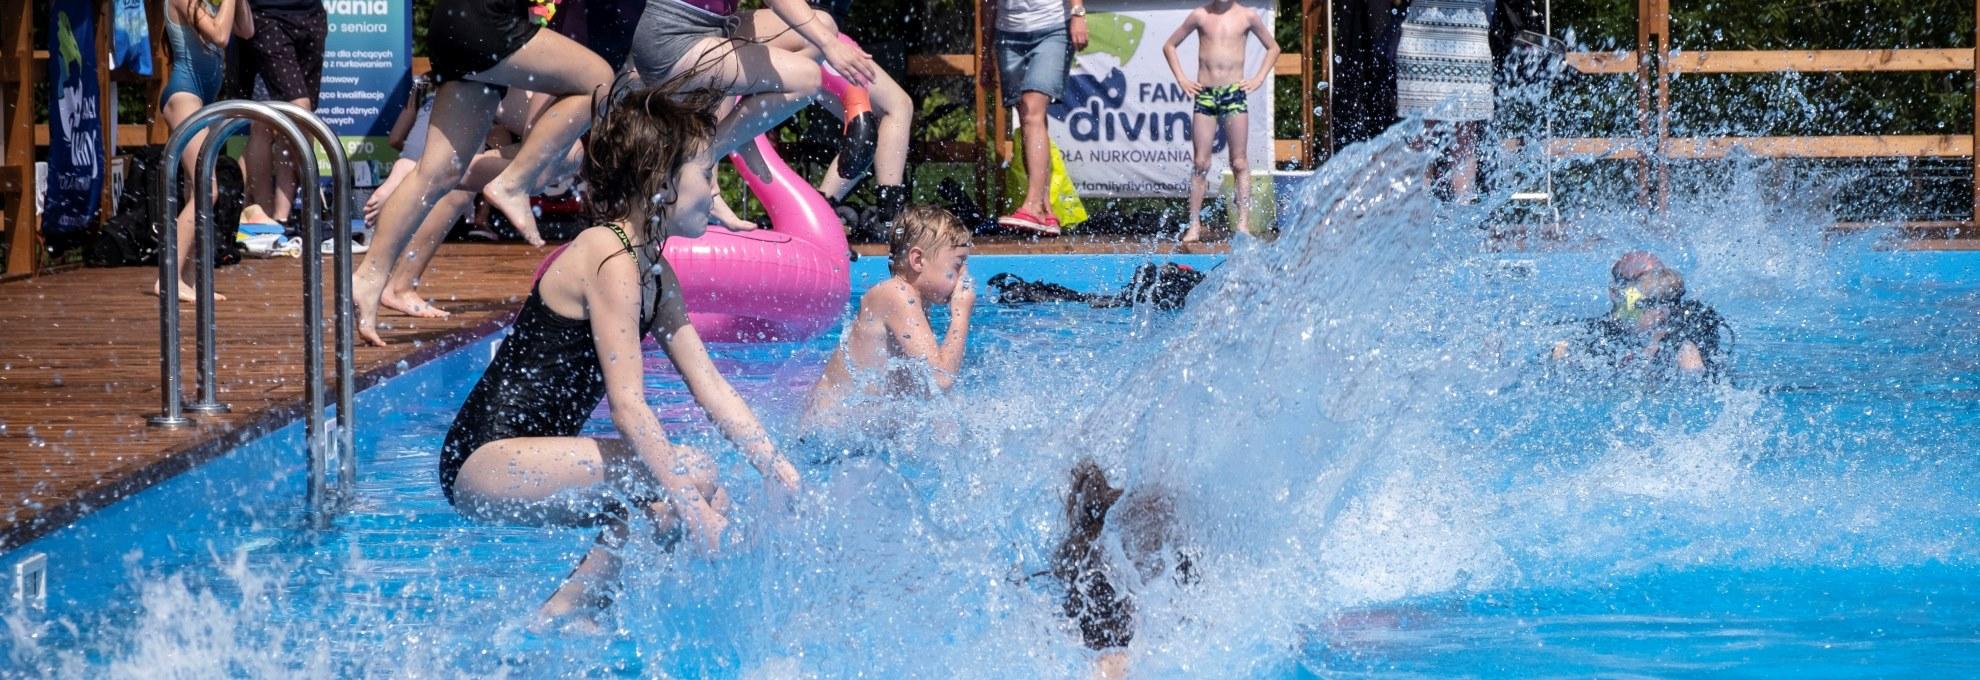 Dziecko skaczące do wody w basenie letnim. Drewniany podest i błękitna rozpryskująca się woda.